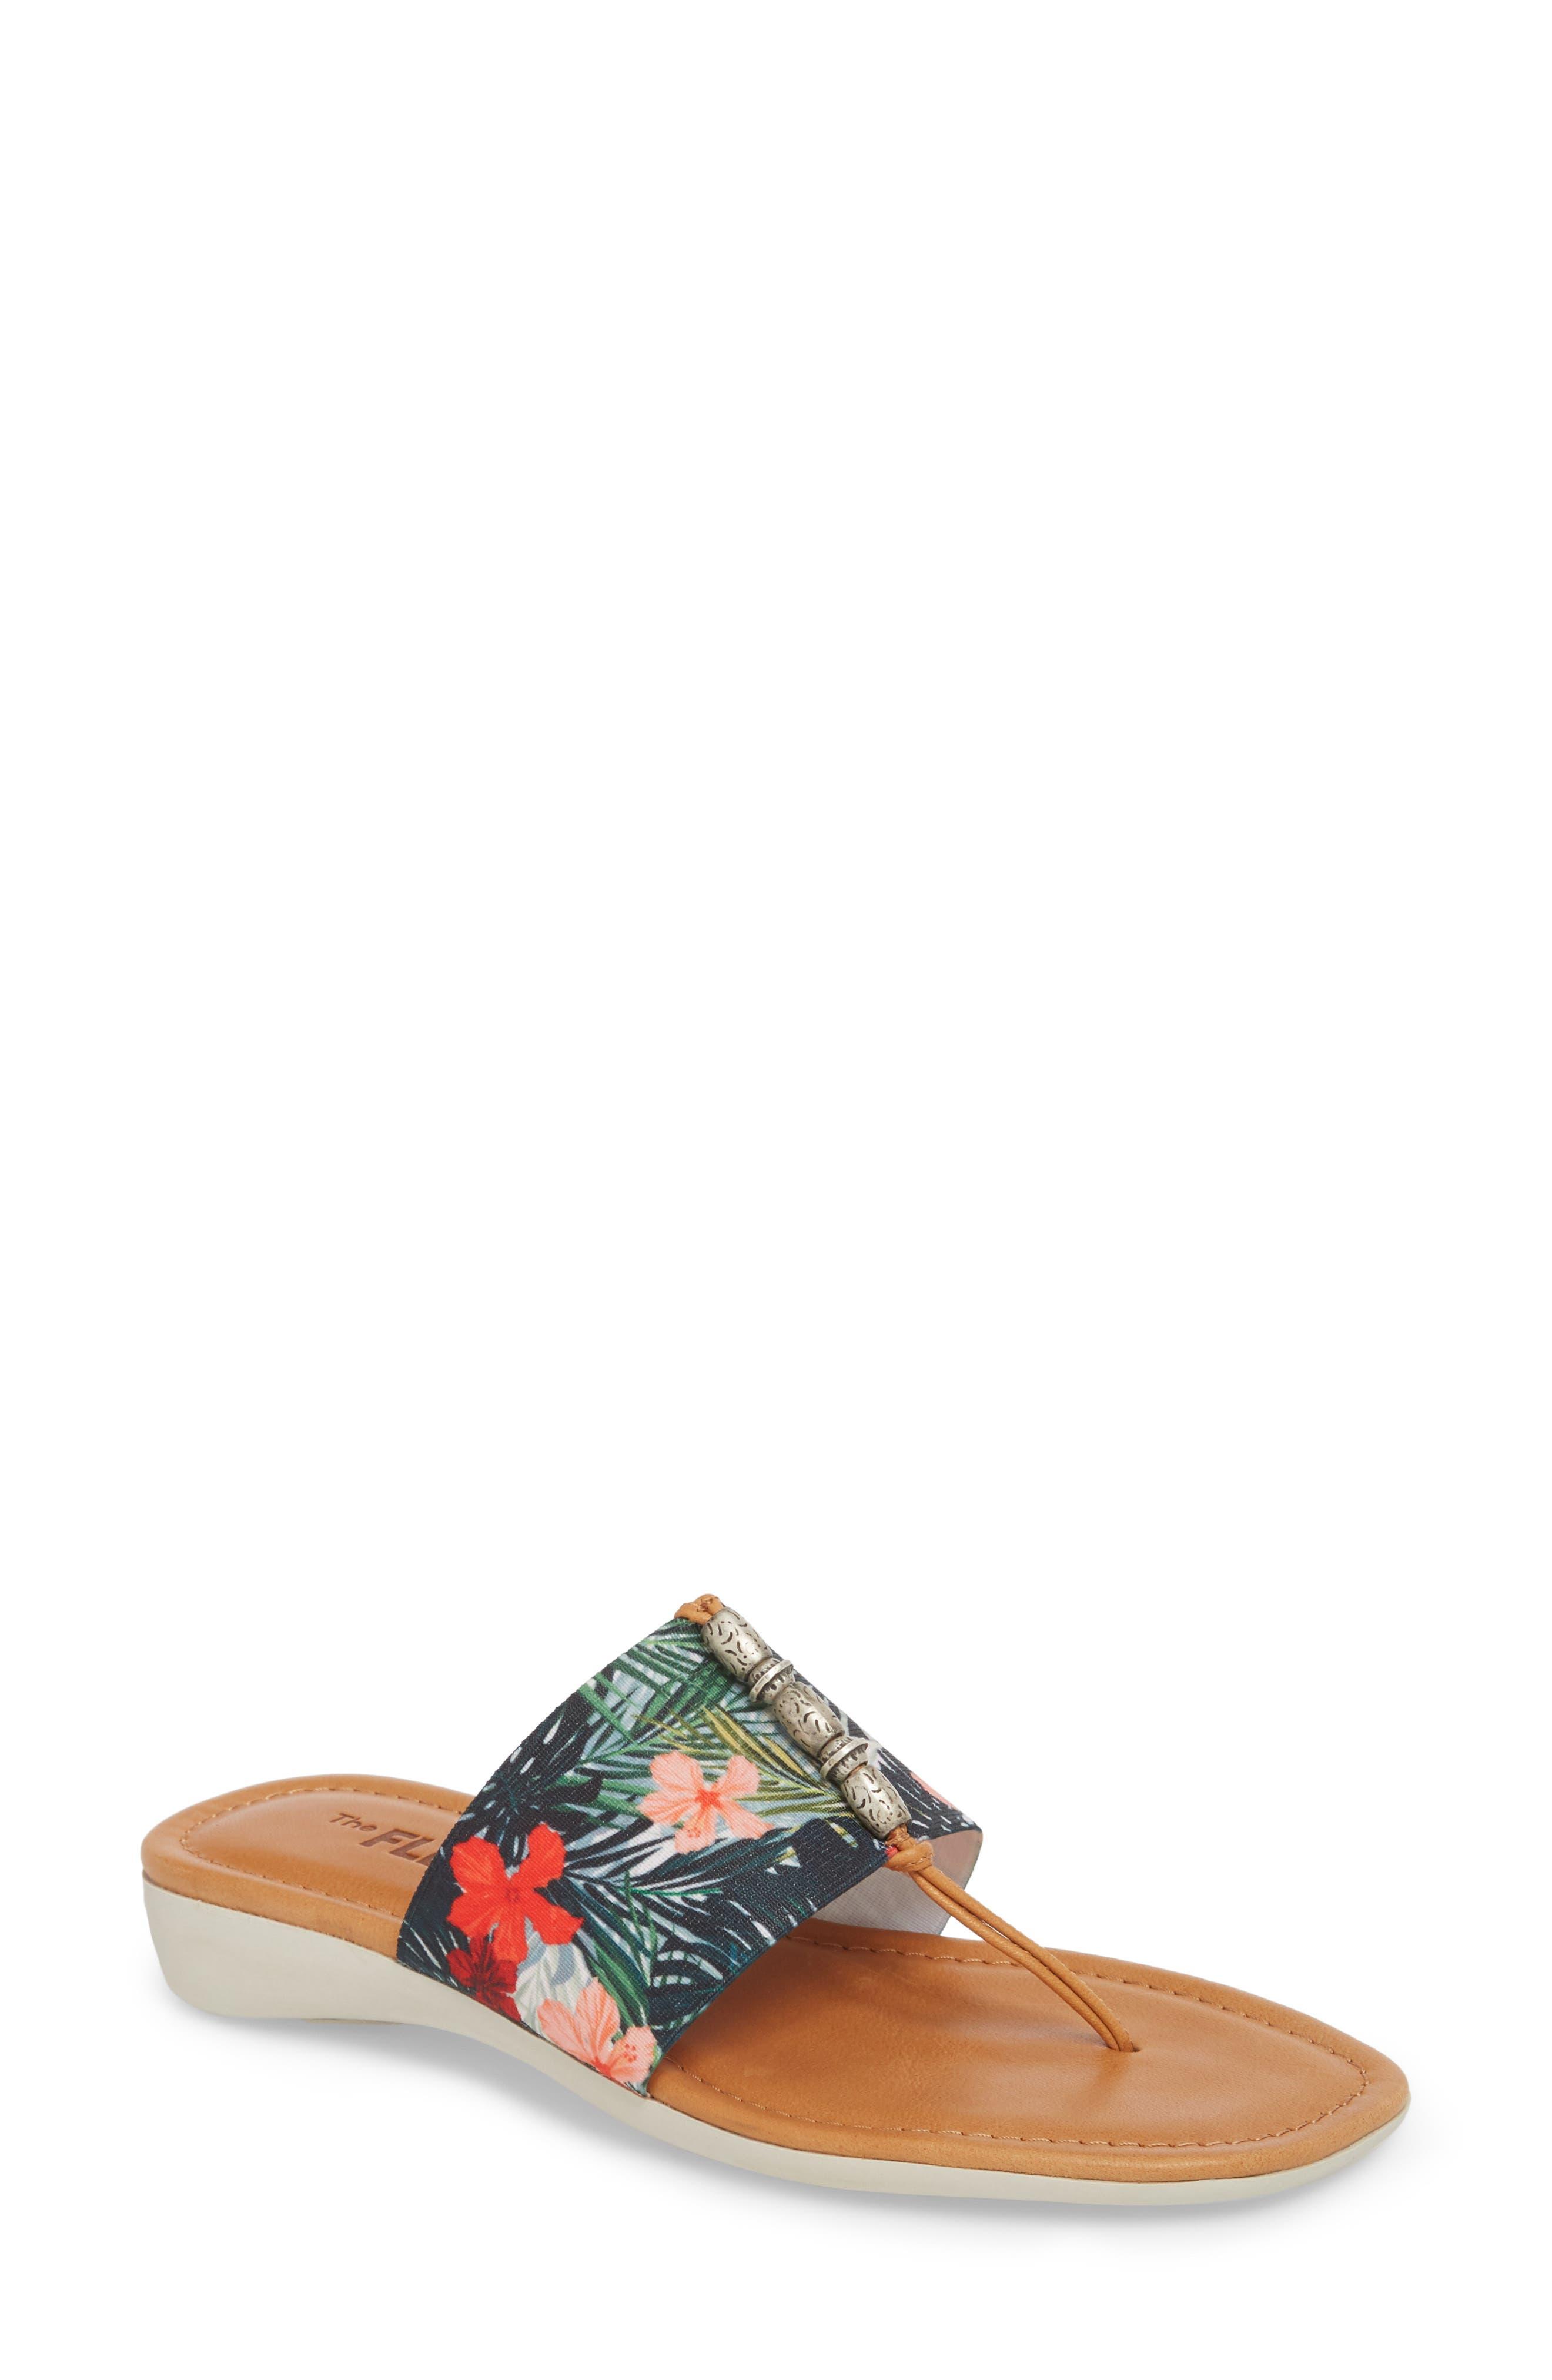 Rain Maker Sandal,                         Main,                         color, Cognac Tropical Leather